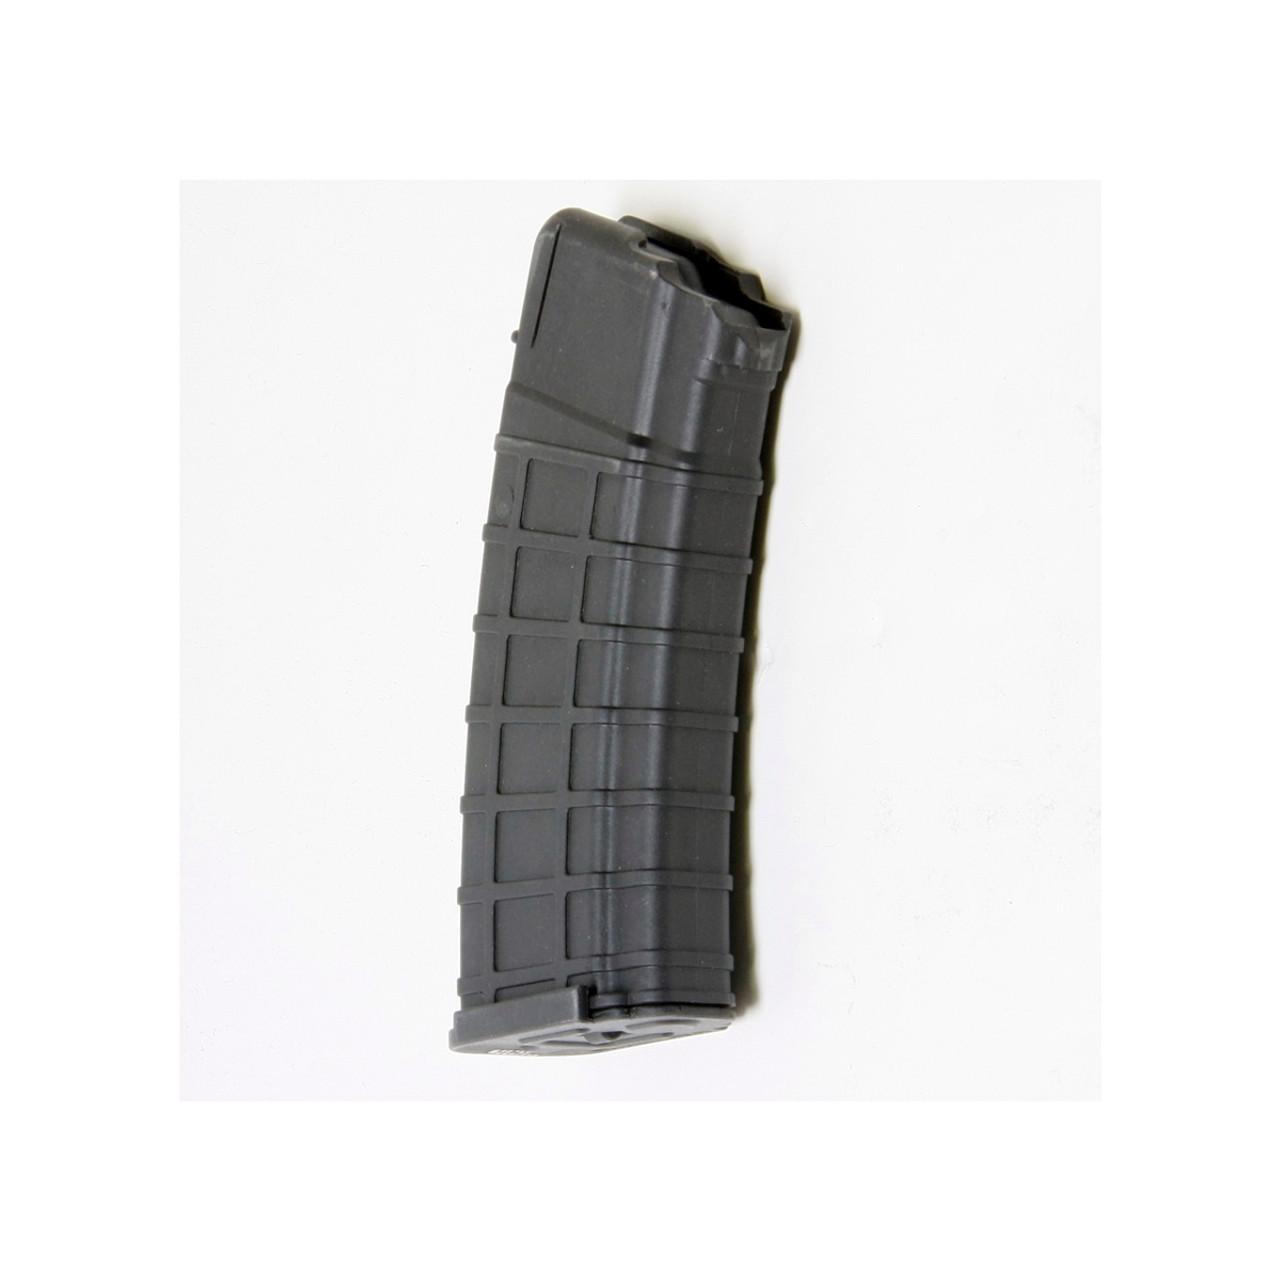 AK-74 5.45x39mm (20) Rd - Black Polymer